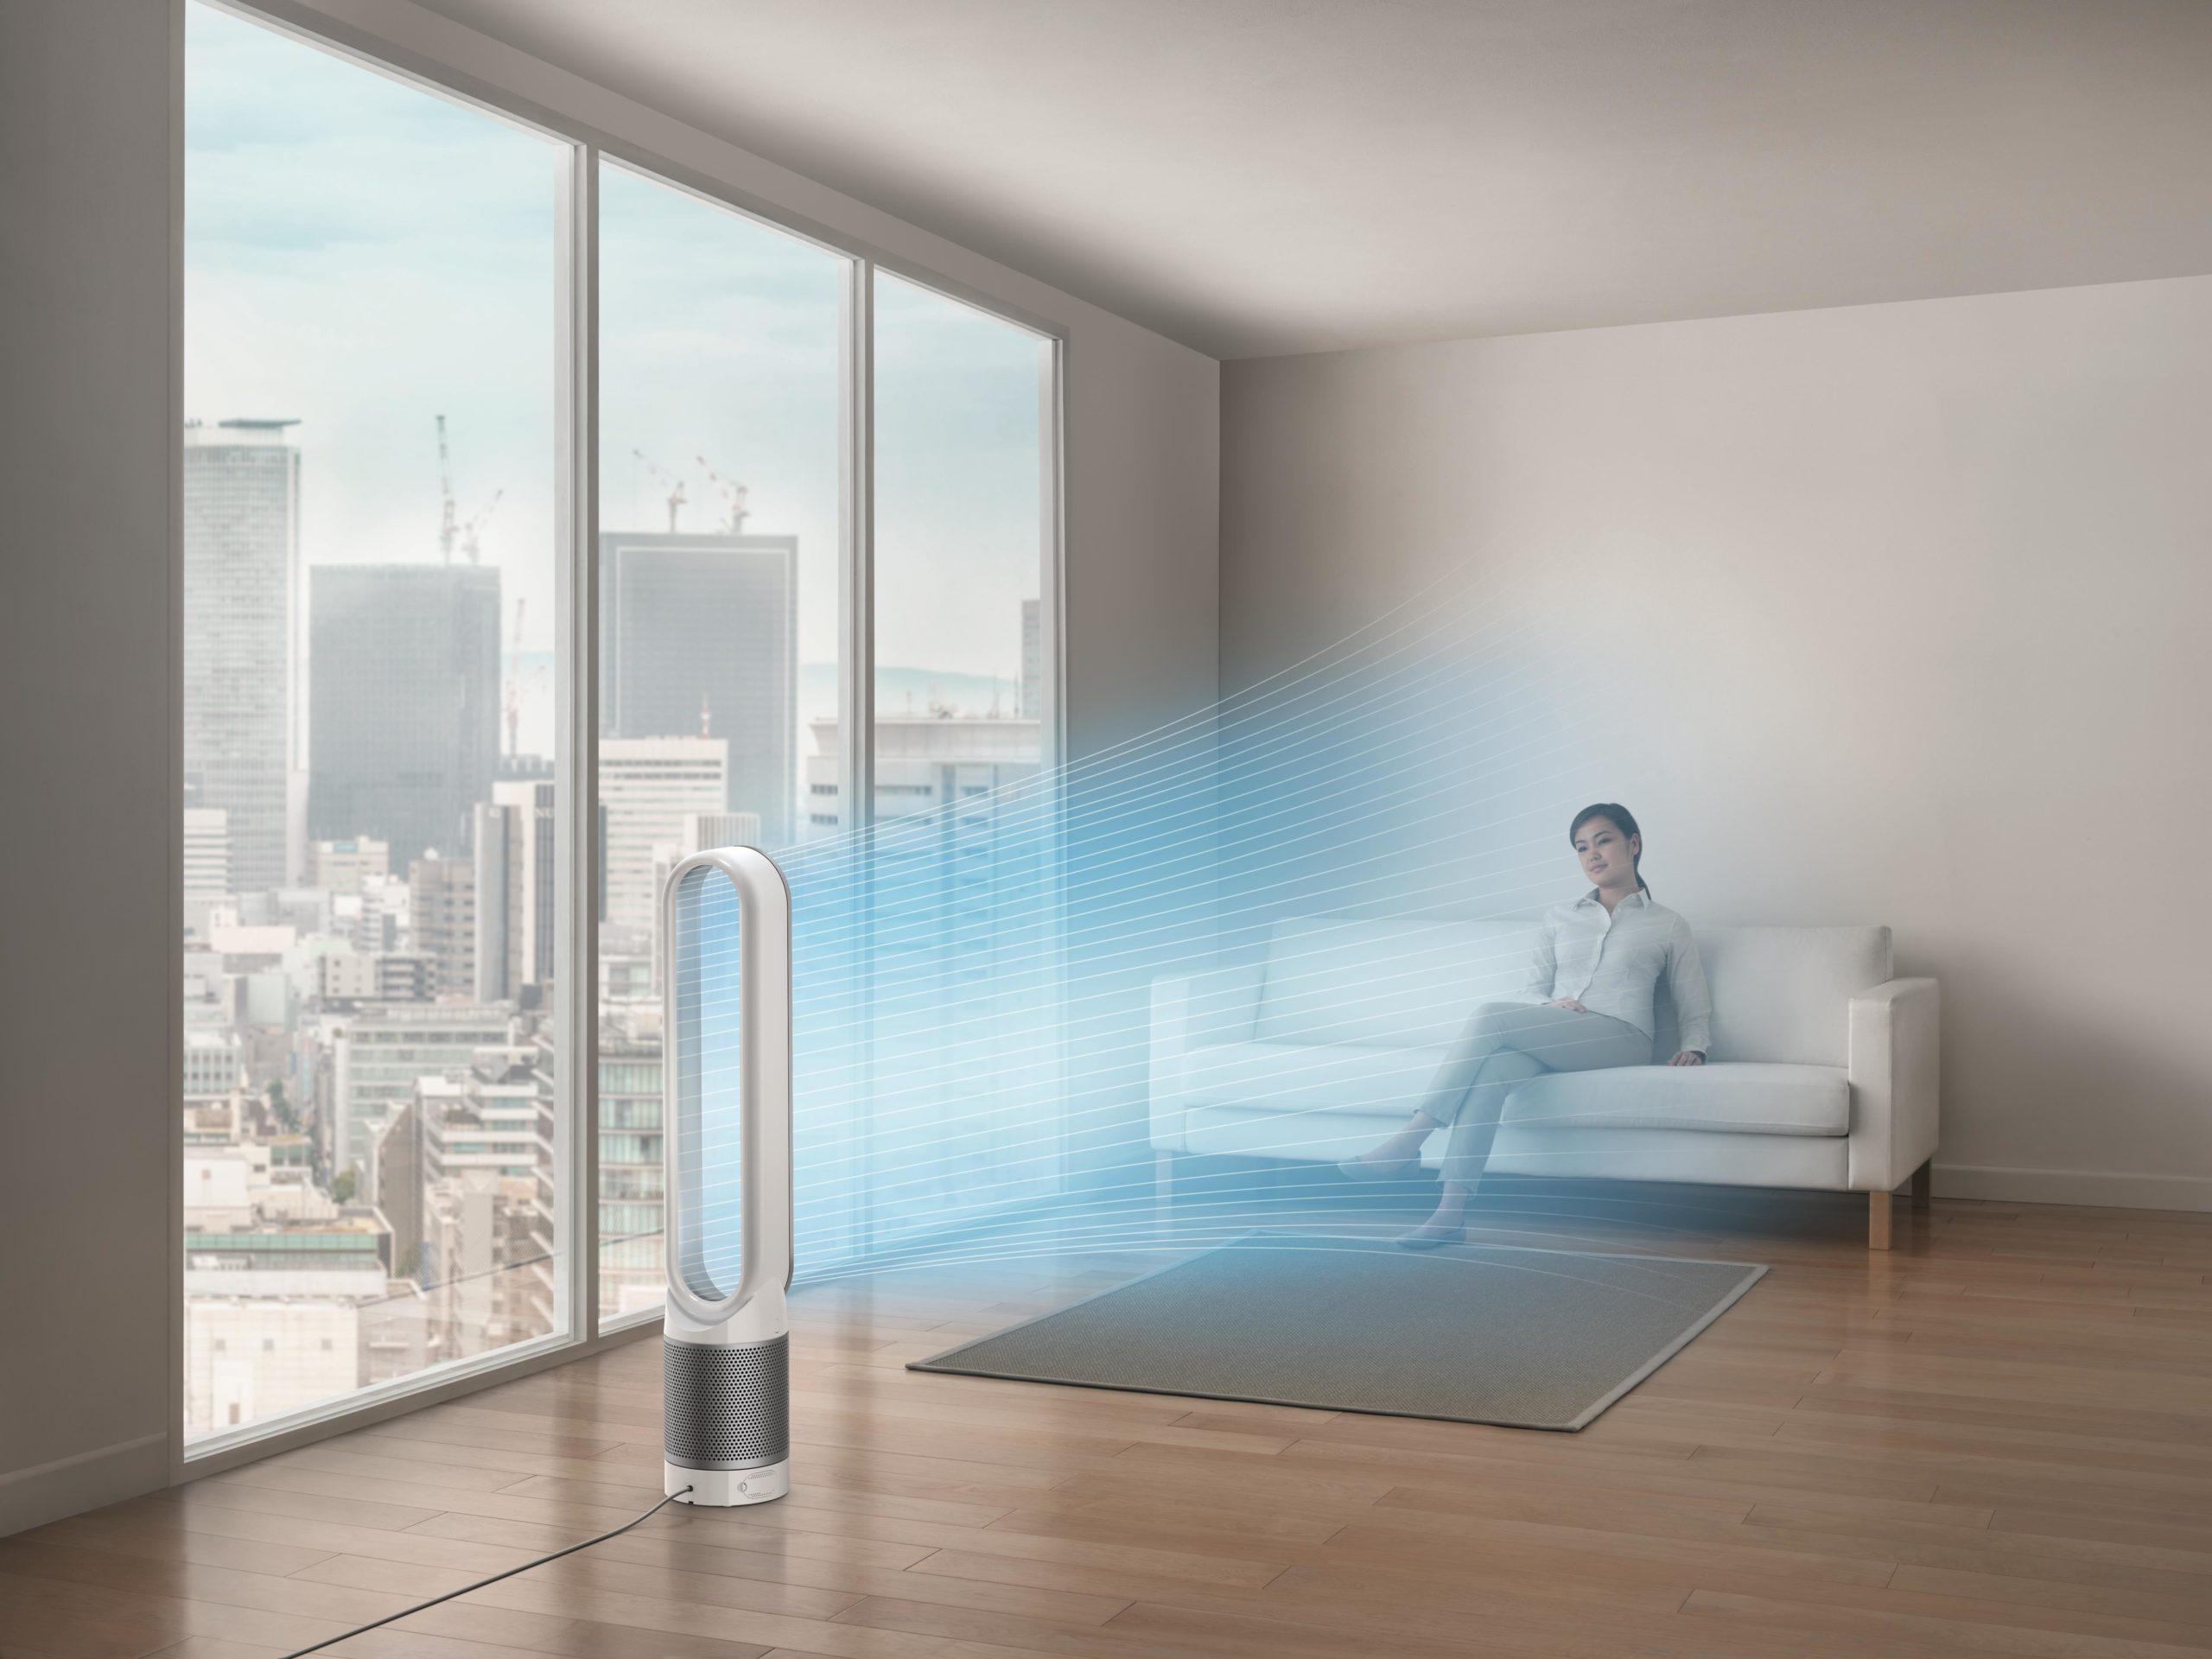 Luftkühler Test 2020